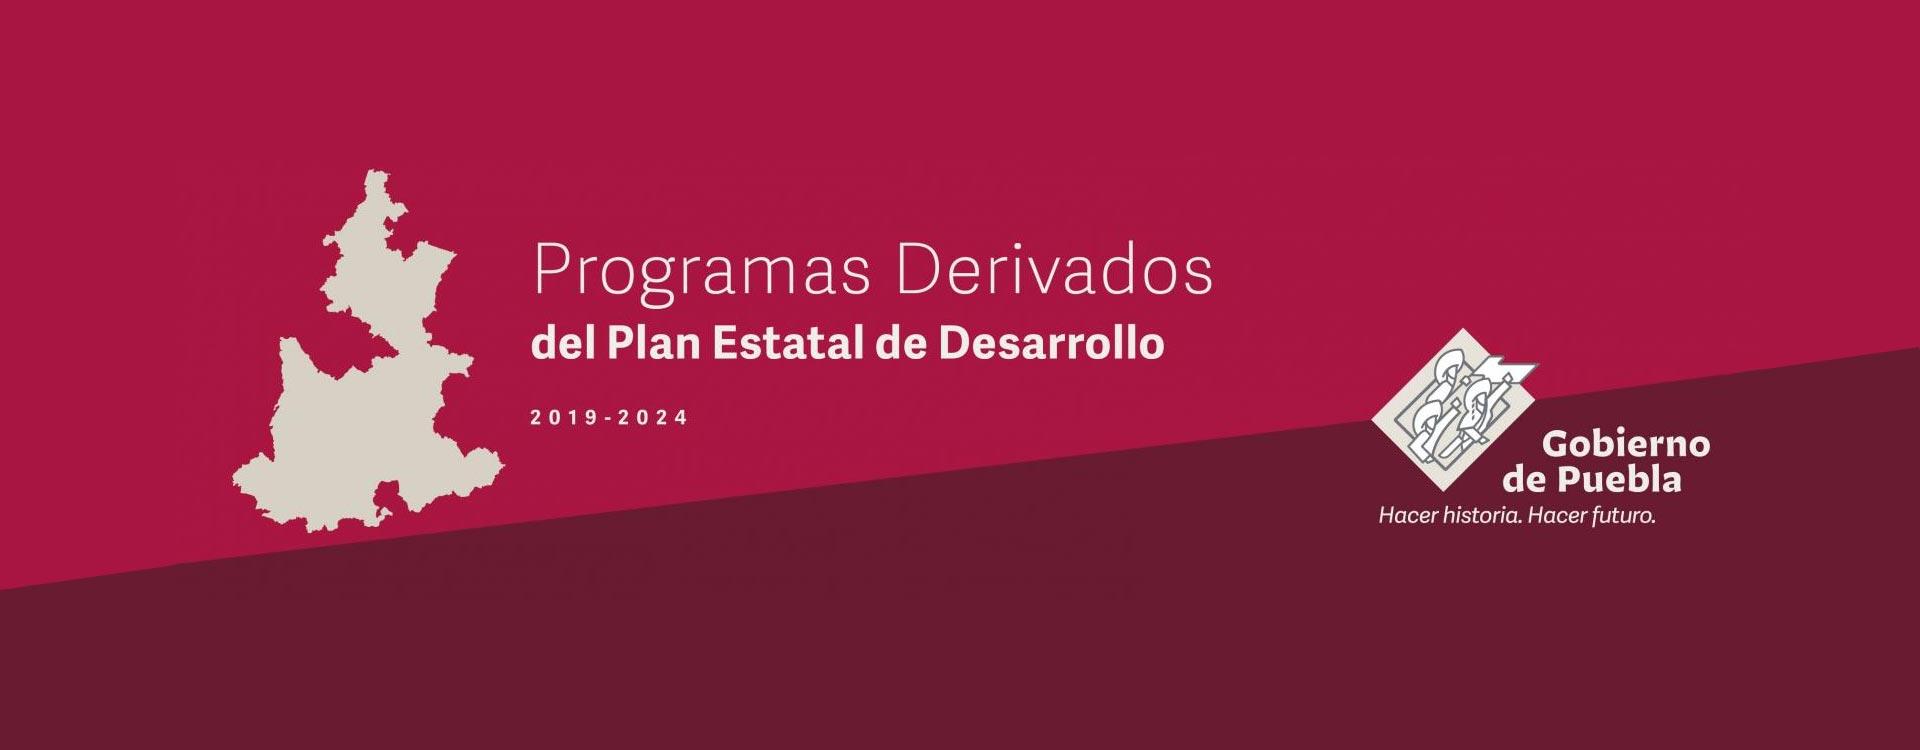 consultaPlanesDerivadorPlanDesarrollo2019